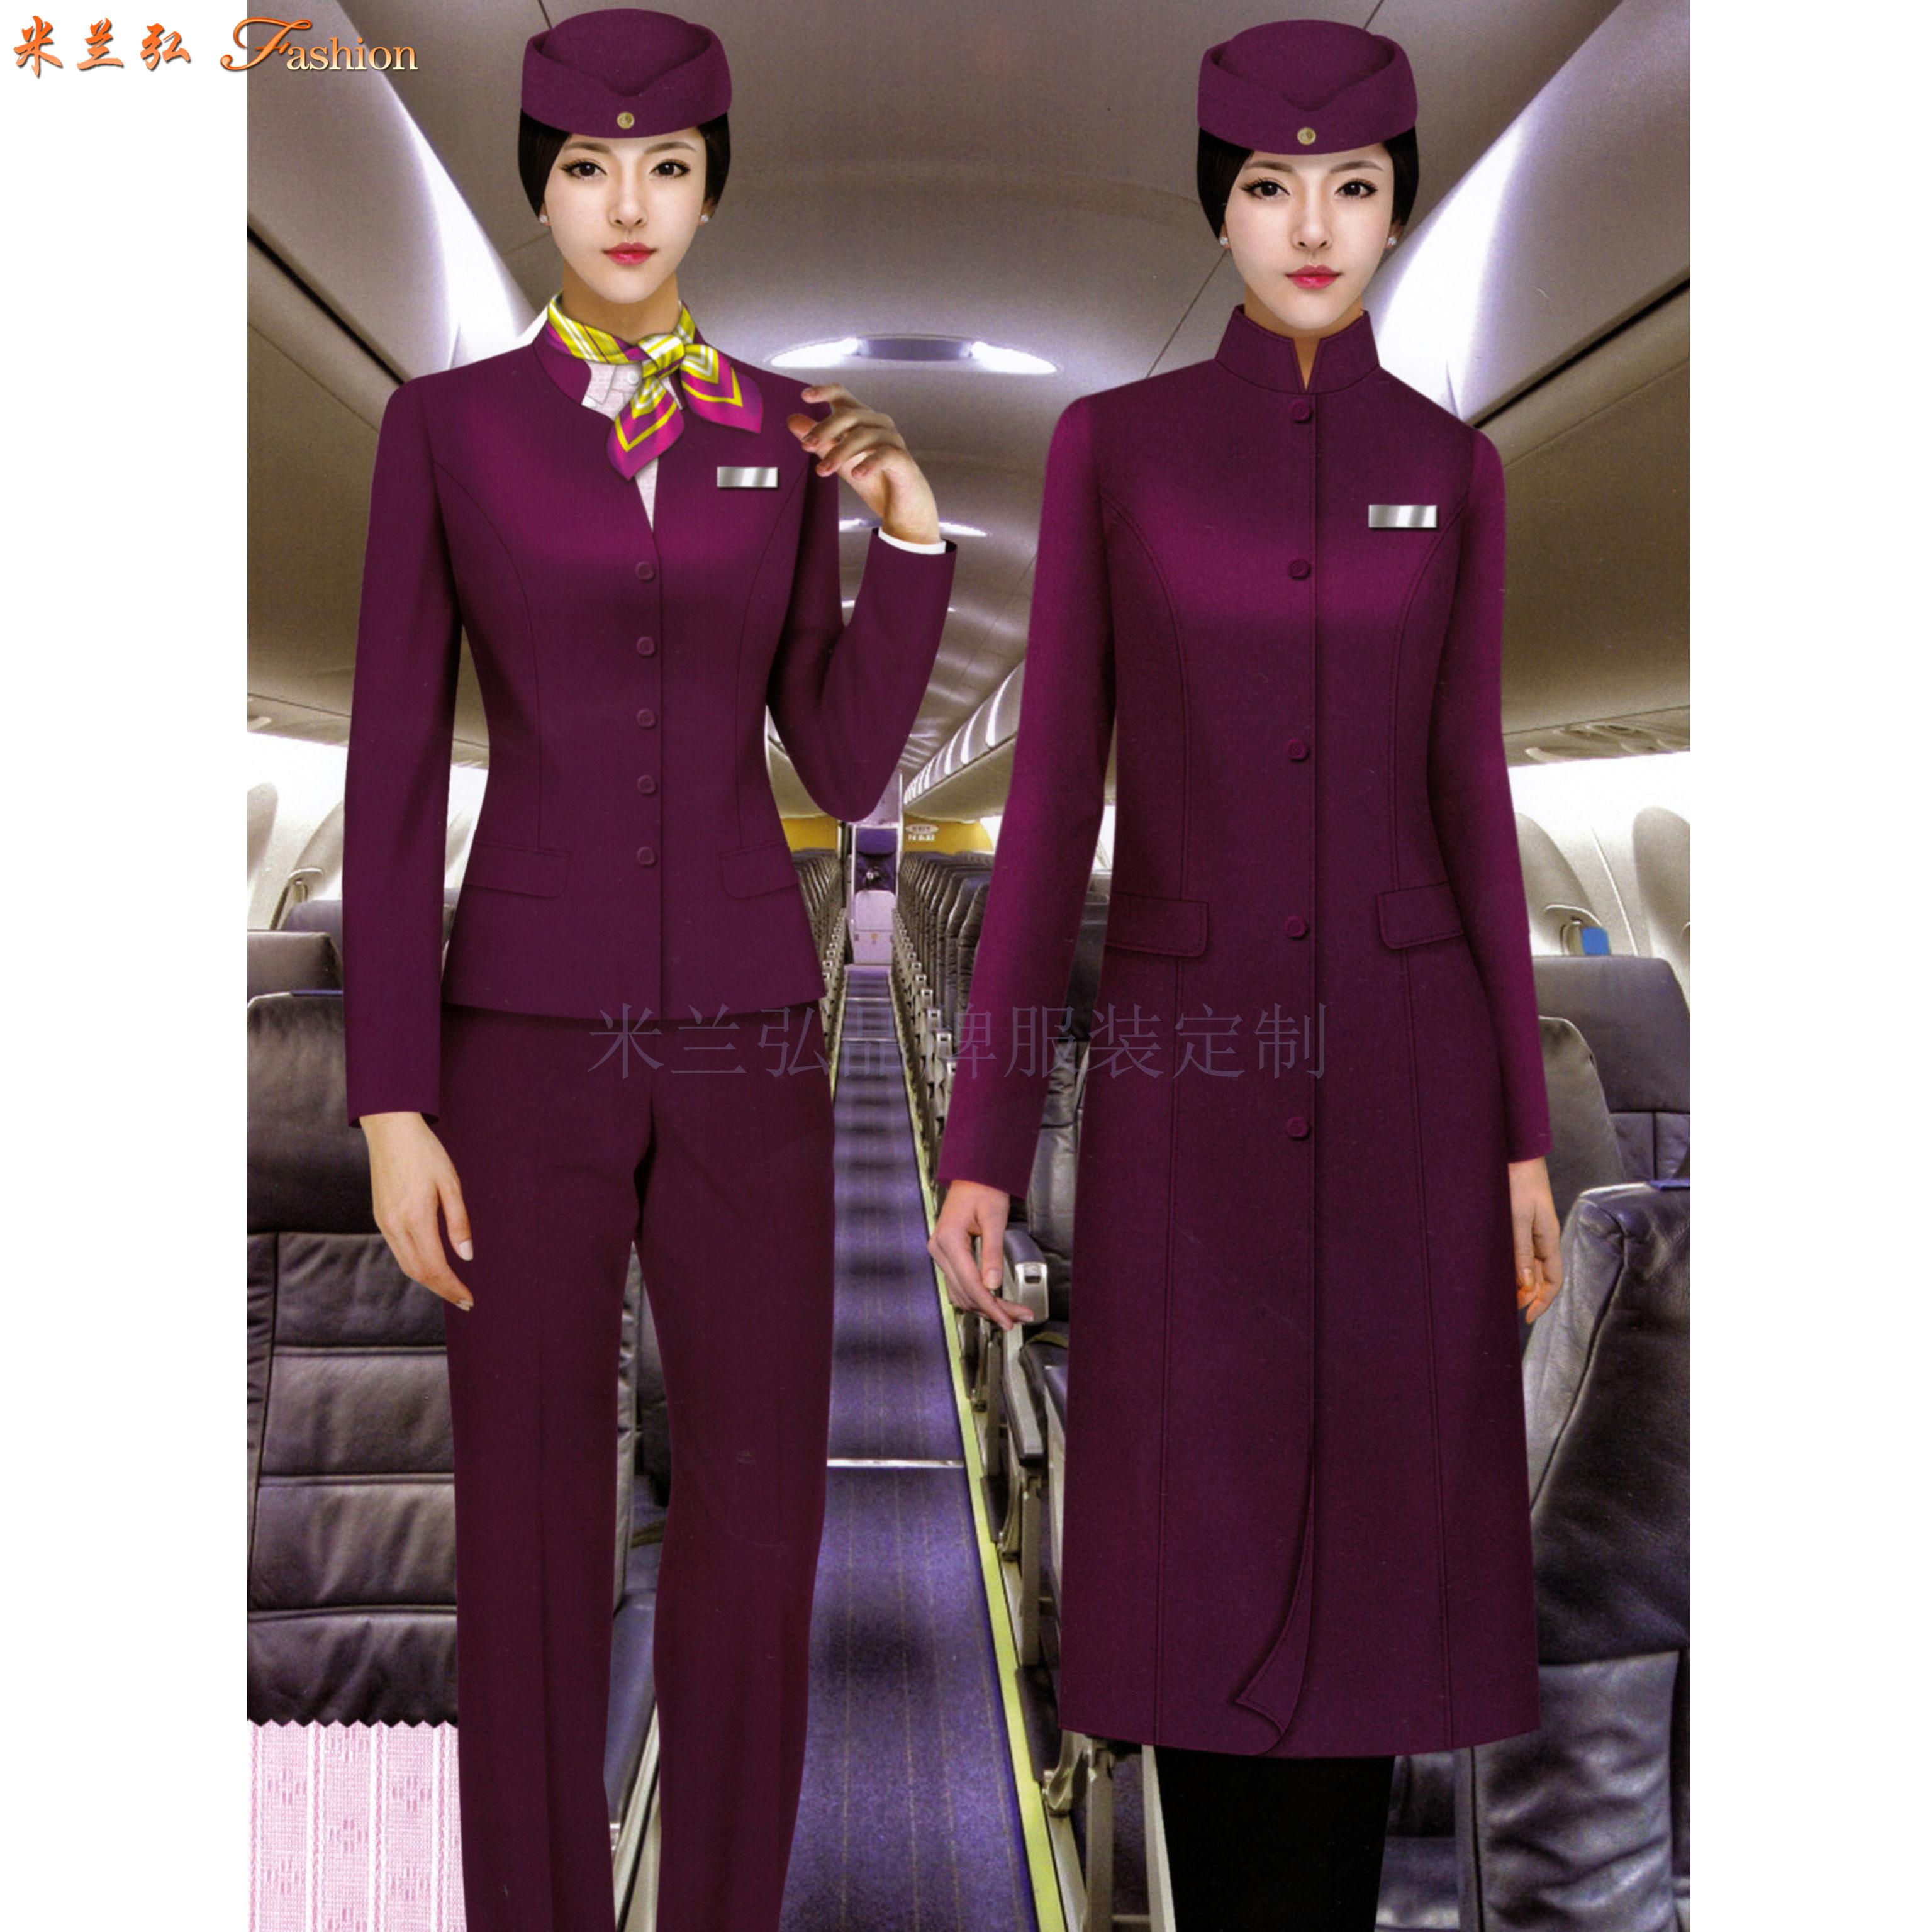 「北京空姐大衣訂制」選擇多年服裝生產經驗廠家-米蘭弘空姐服-2